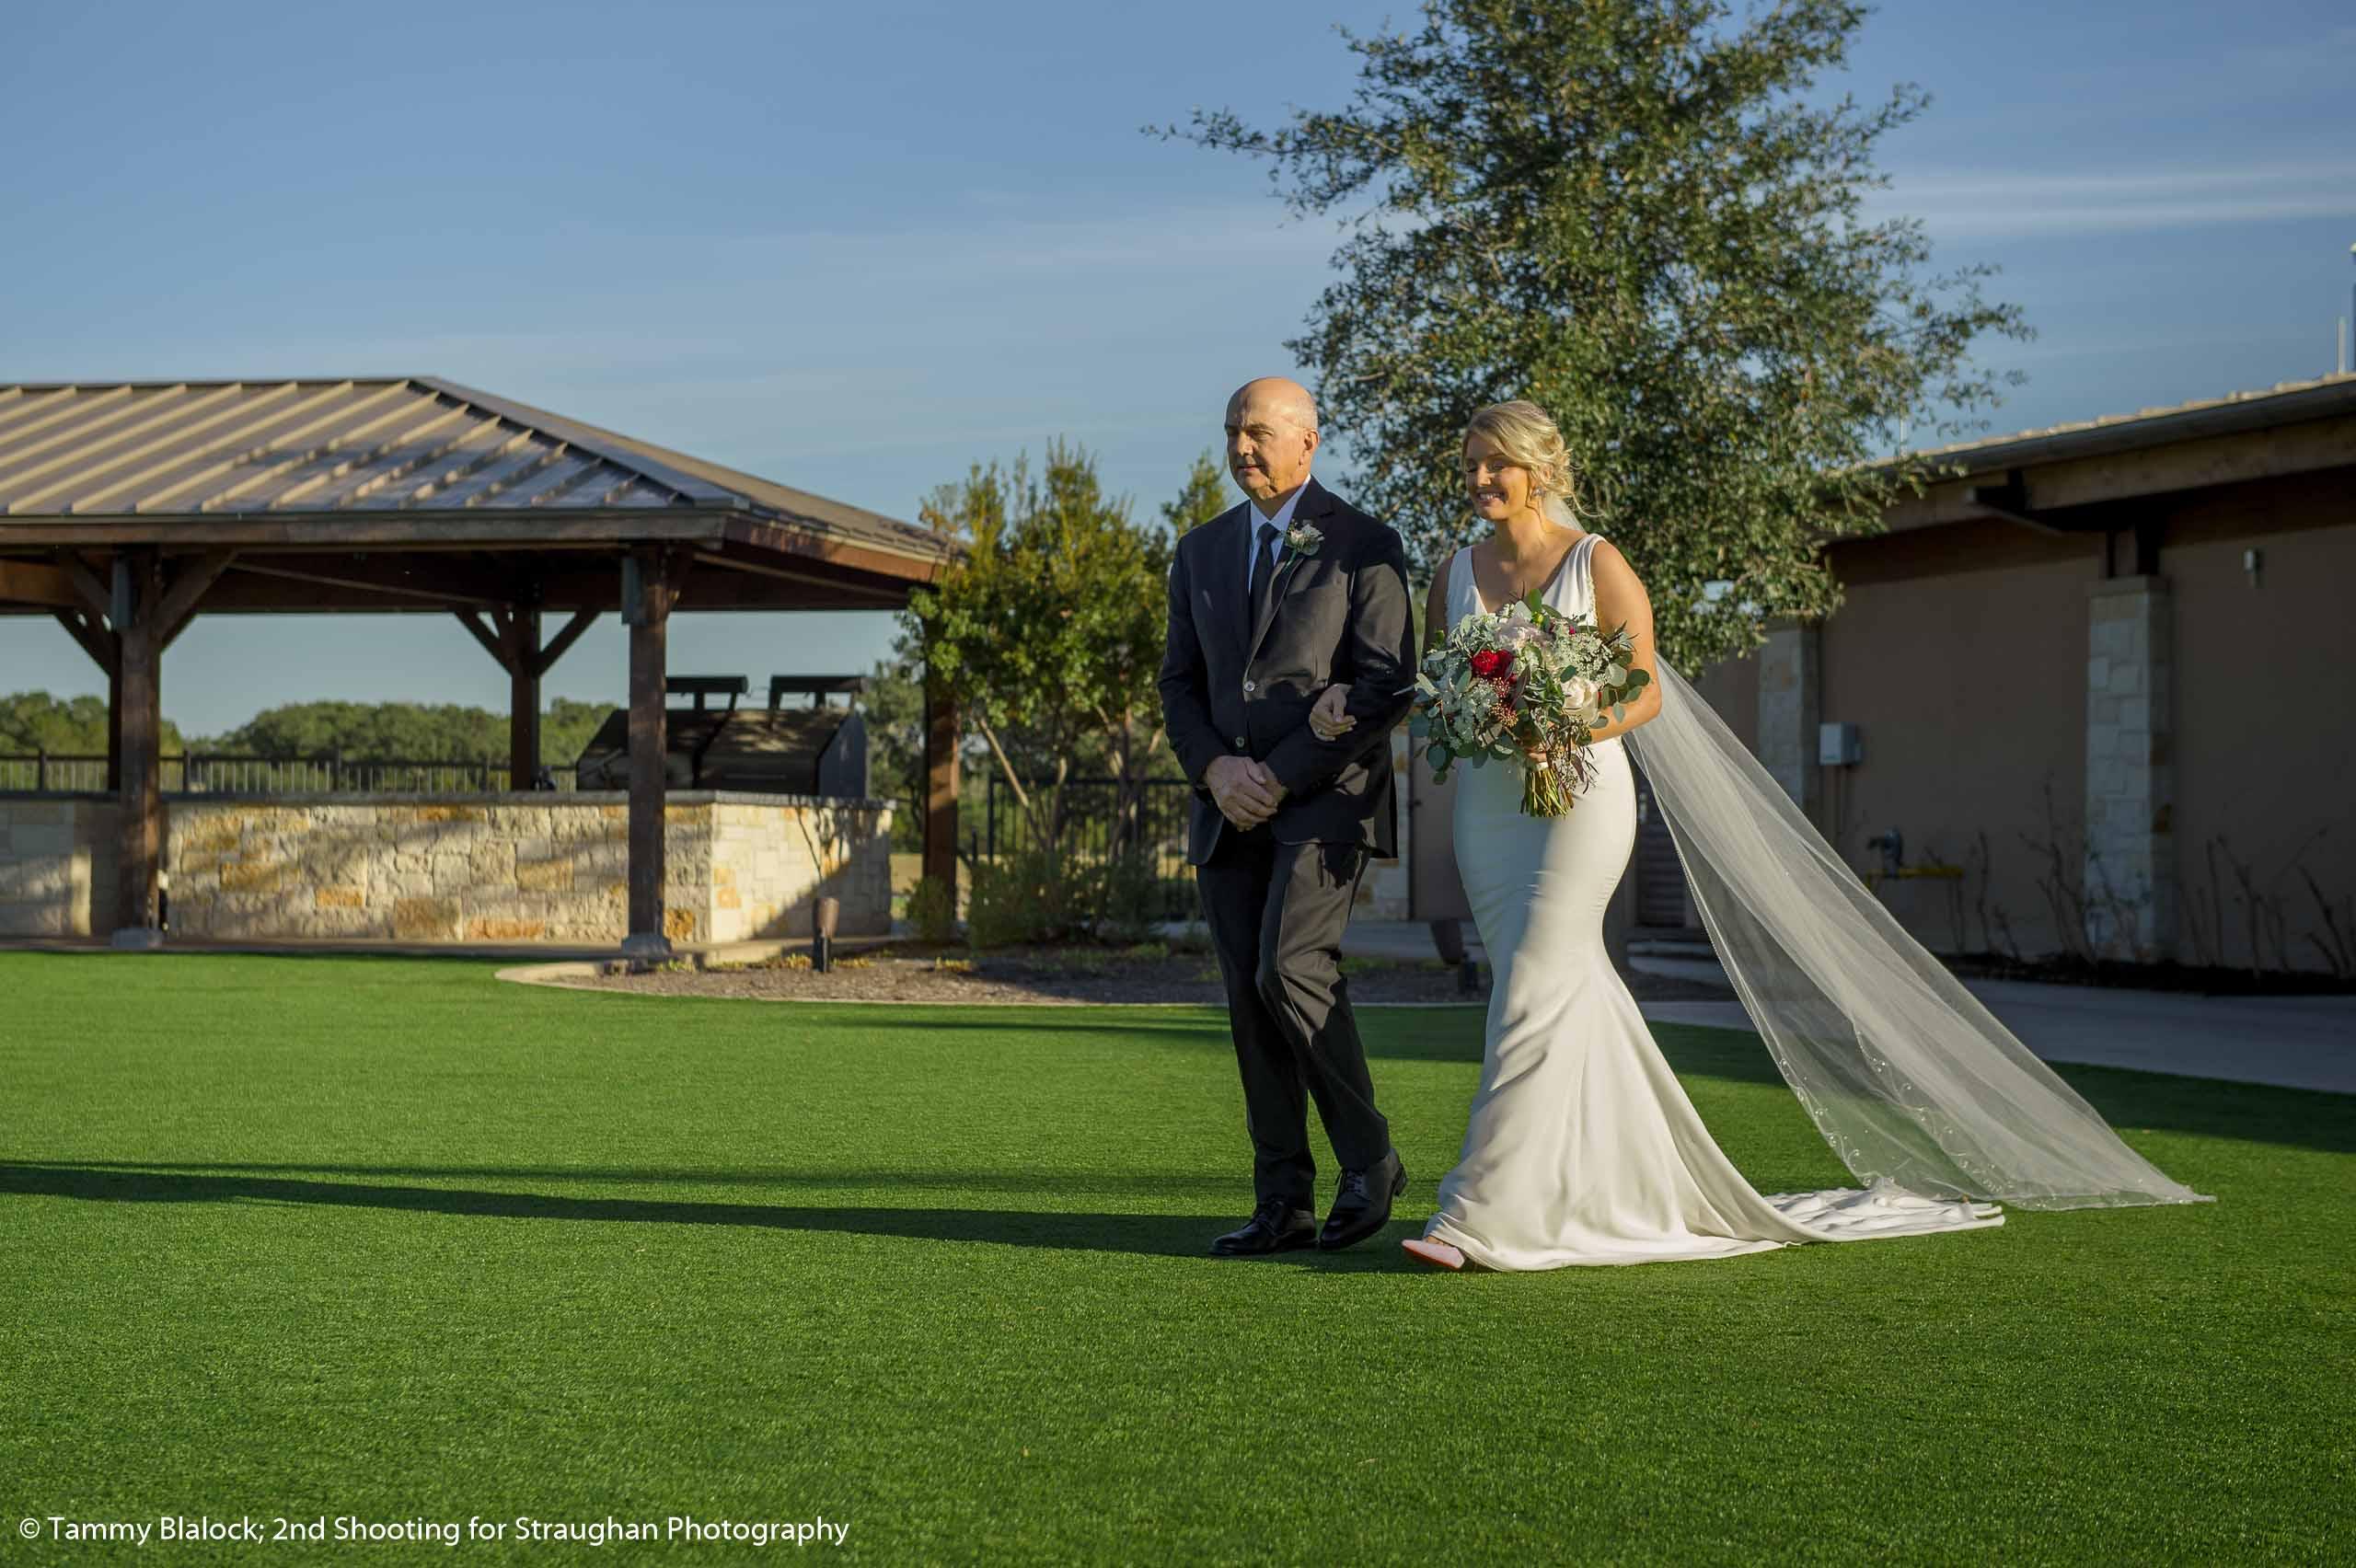 san-antonio-wedding-photographers-_4S23444